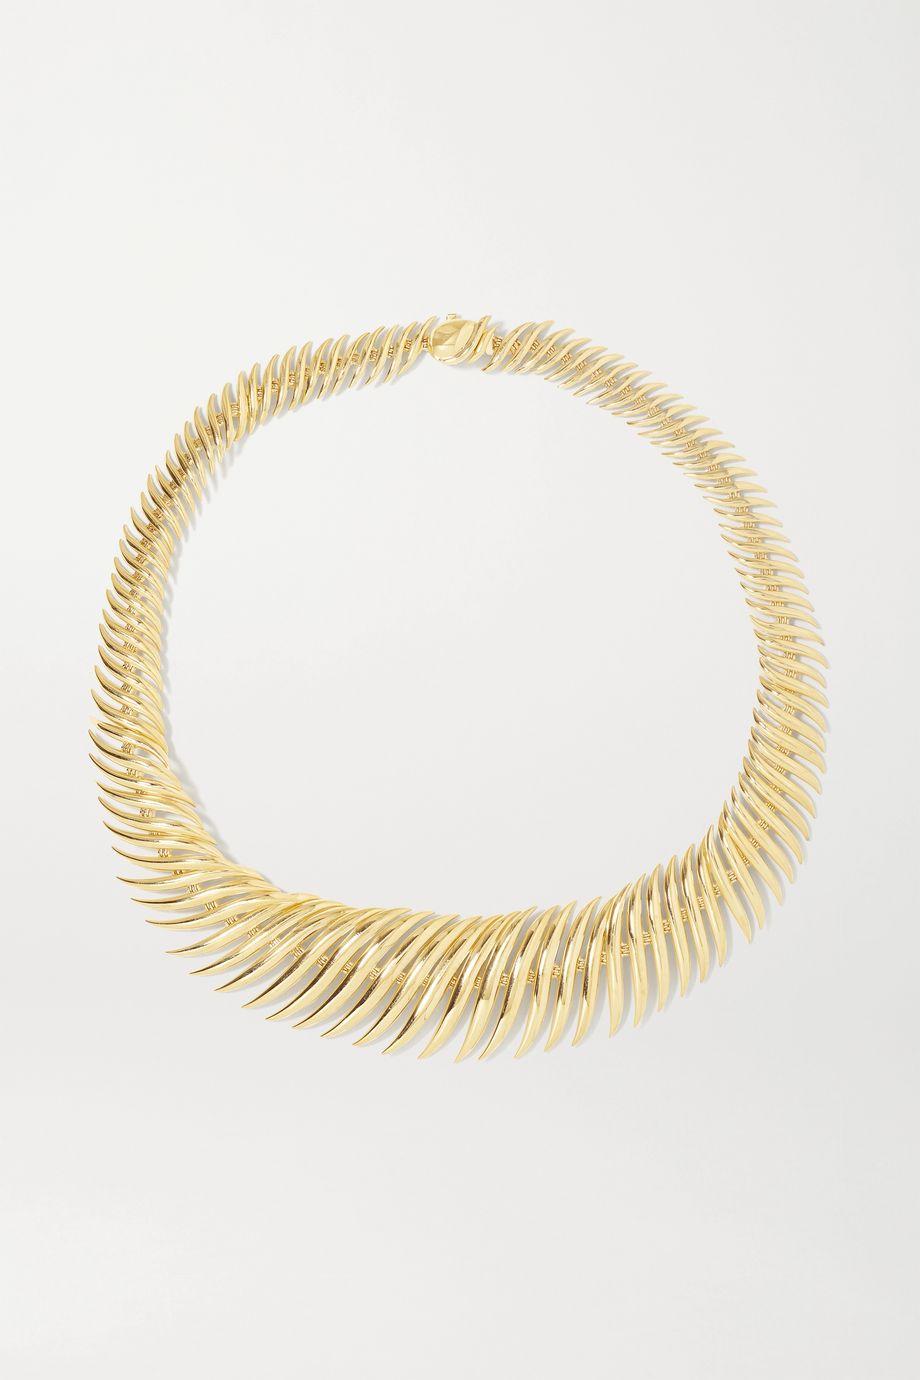 Fernando Jorge Flame 18-karat gold necklace